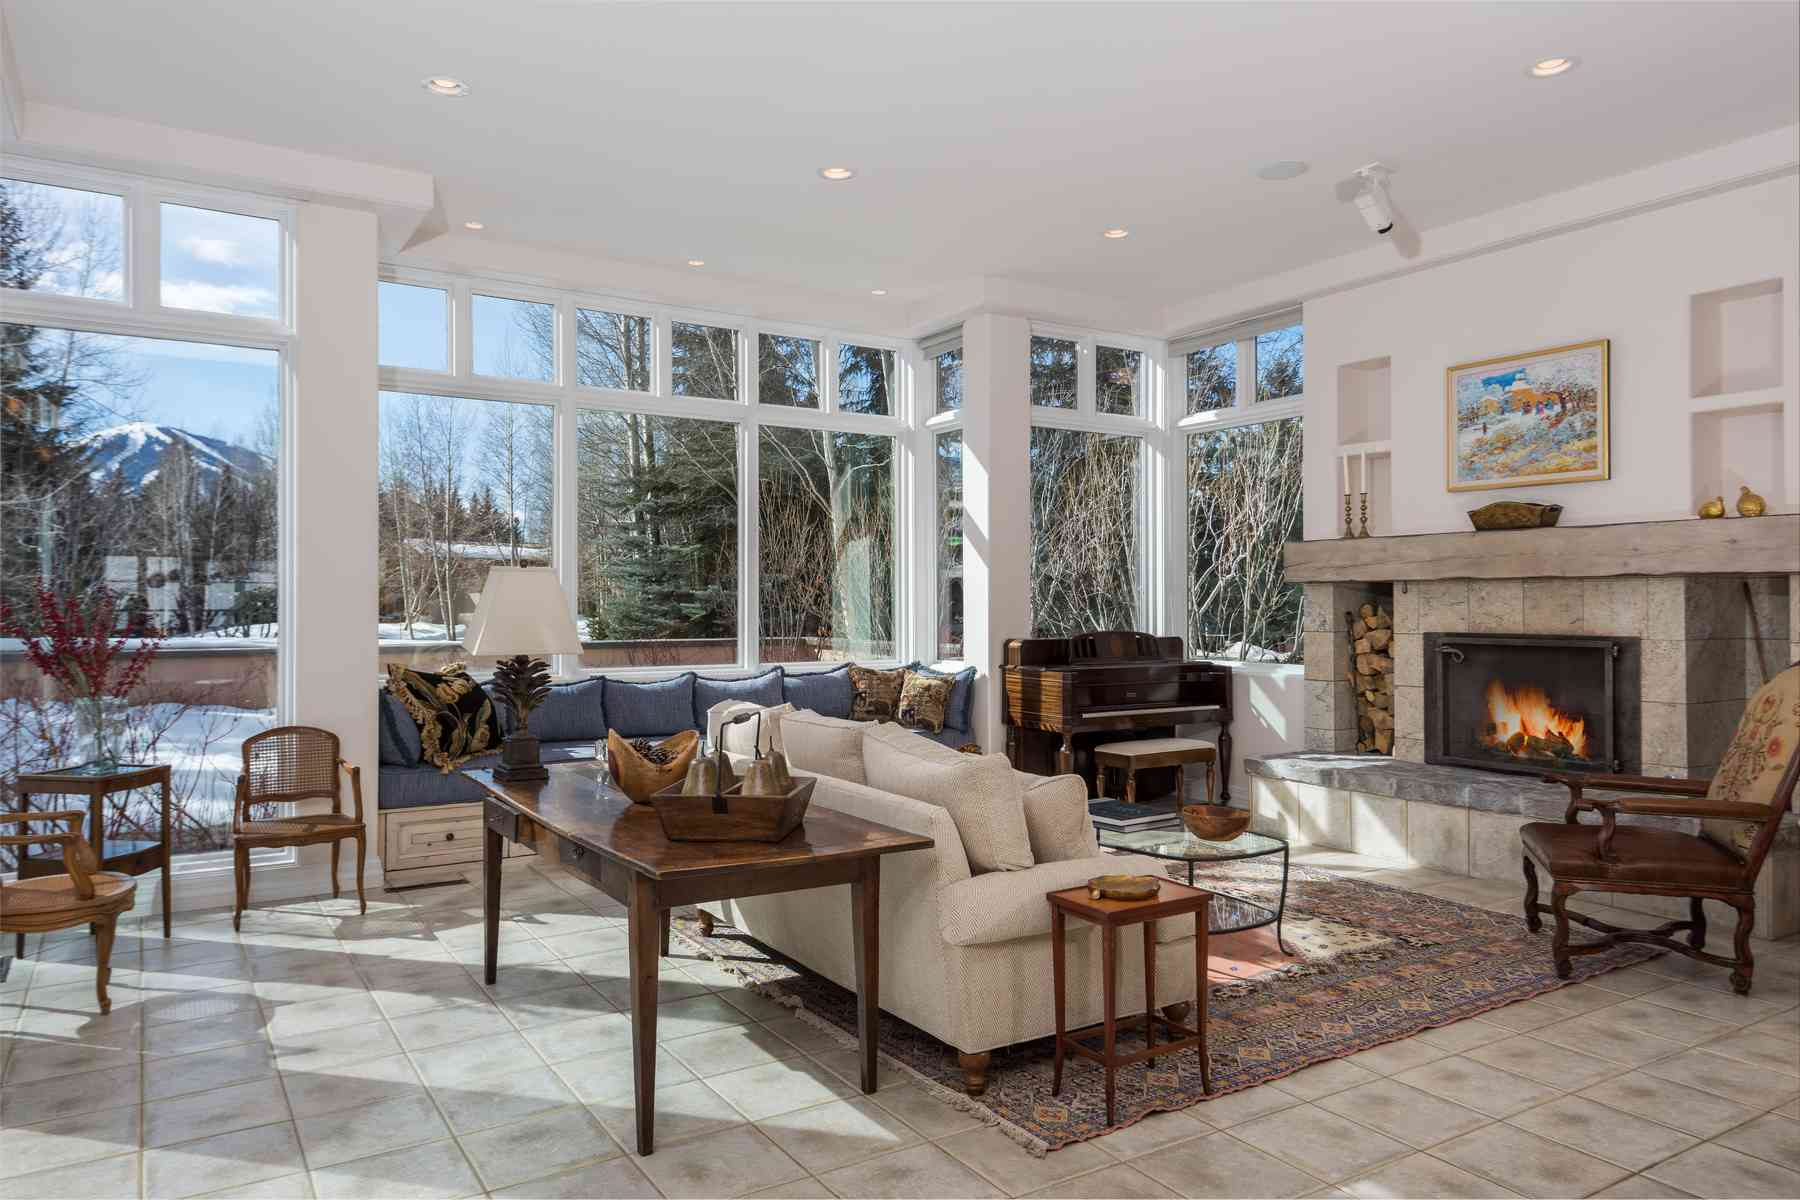 独户住宅 为 销售 在 Fairways Estate 太阳谷, 83353 美国